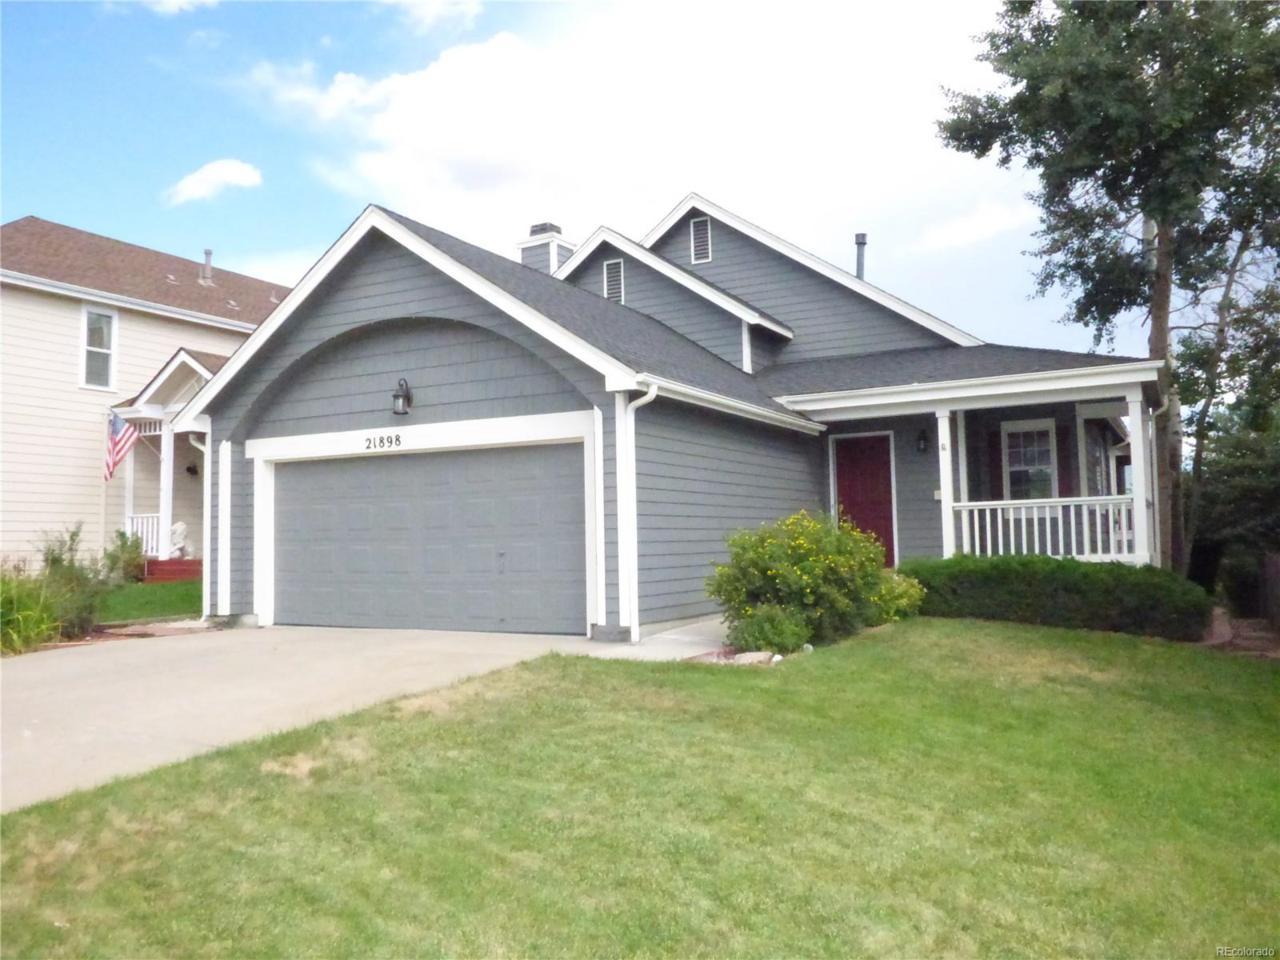 21898 Saddlebrook Court, Parker, CO 80138 (MLS #5966311) :: 8z Real Estate